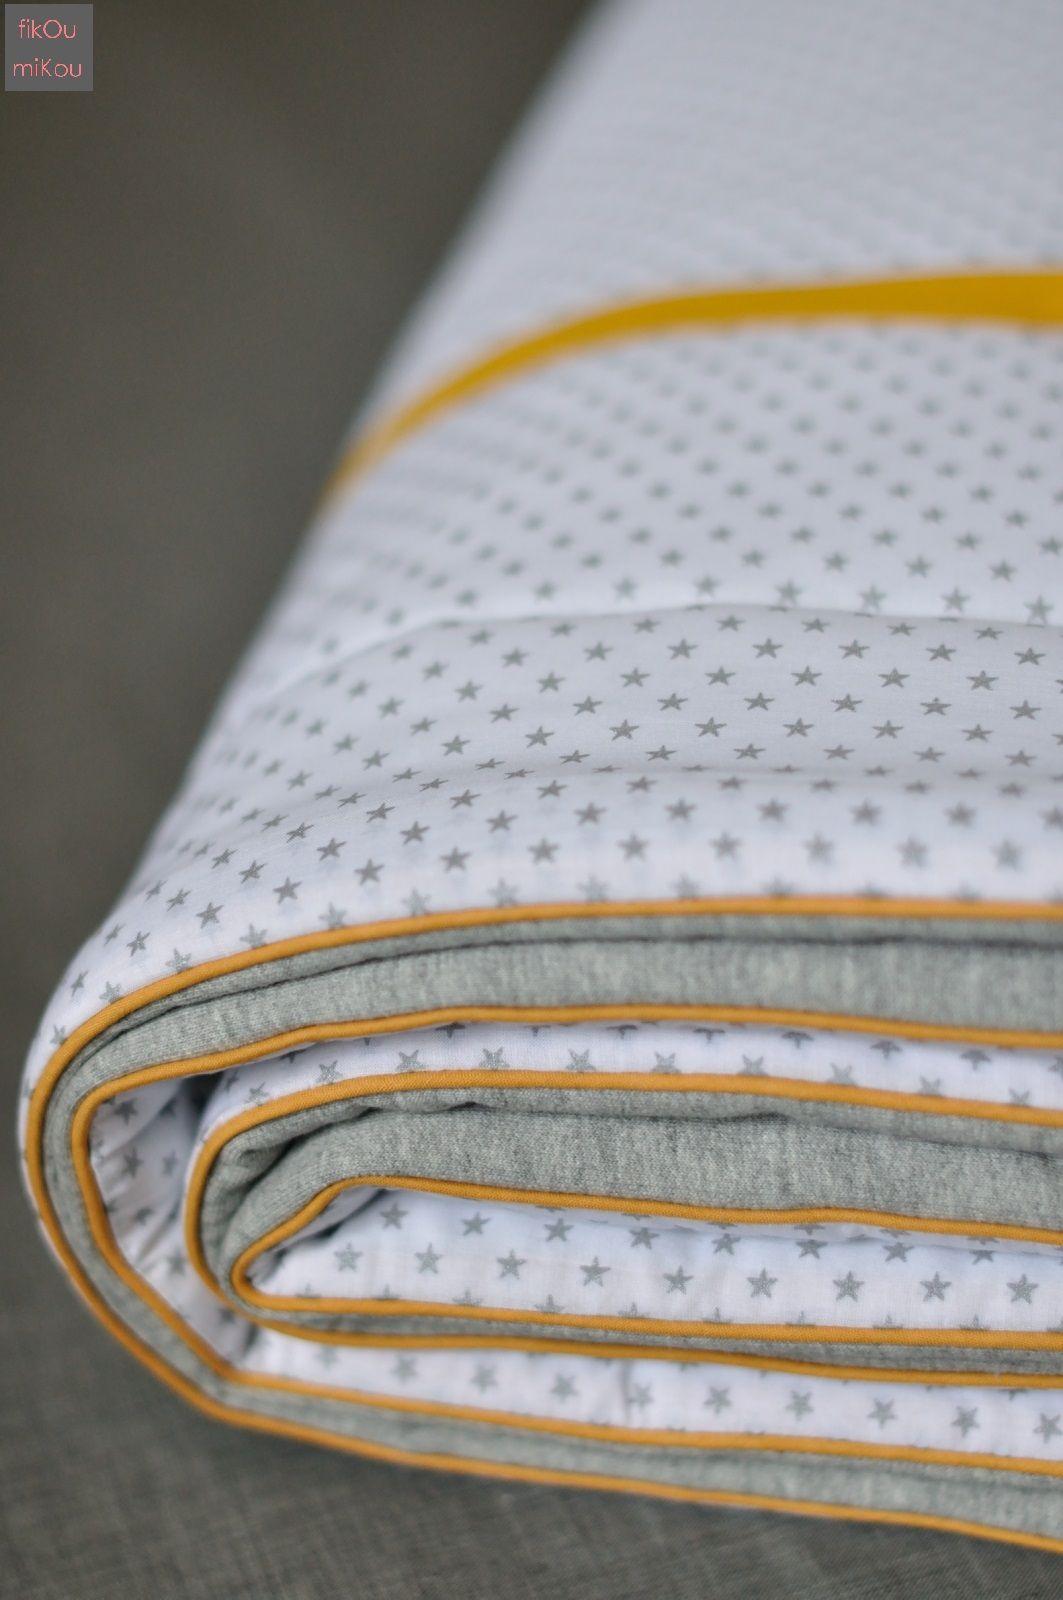 Couverture Mi Housse Polaire Impressionnant Stock Couverture Bébé Jersey Gris Batiste Blanc  étoiles Argent France